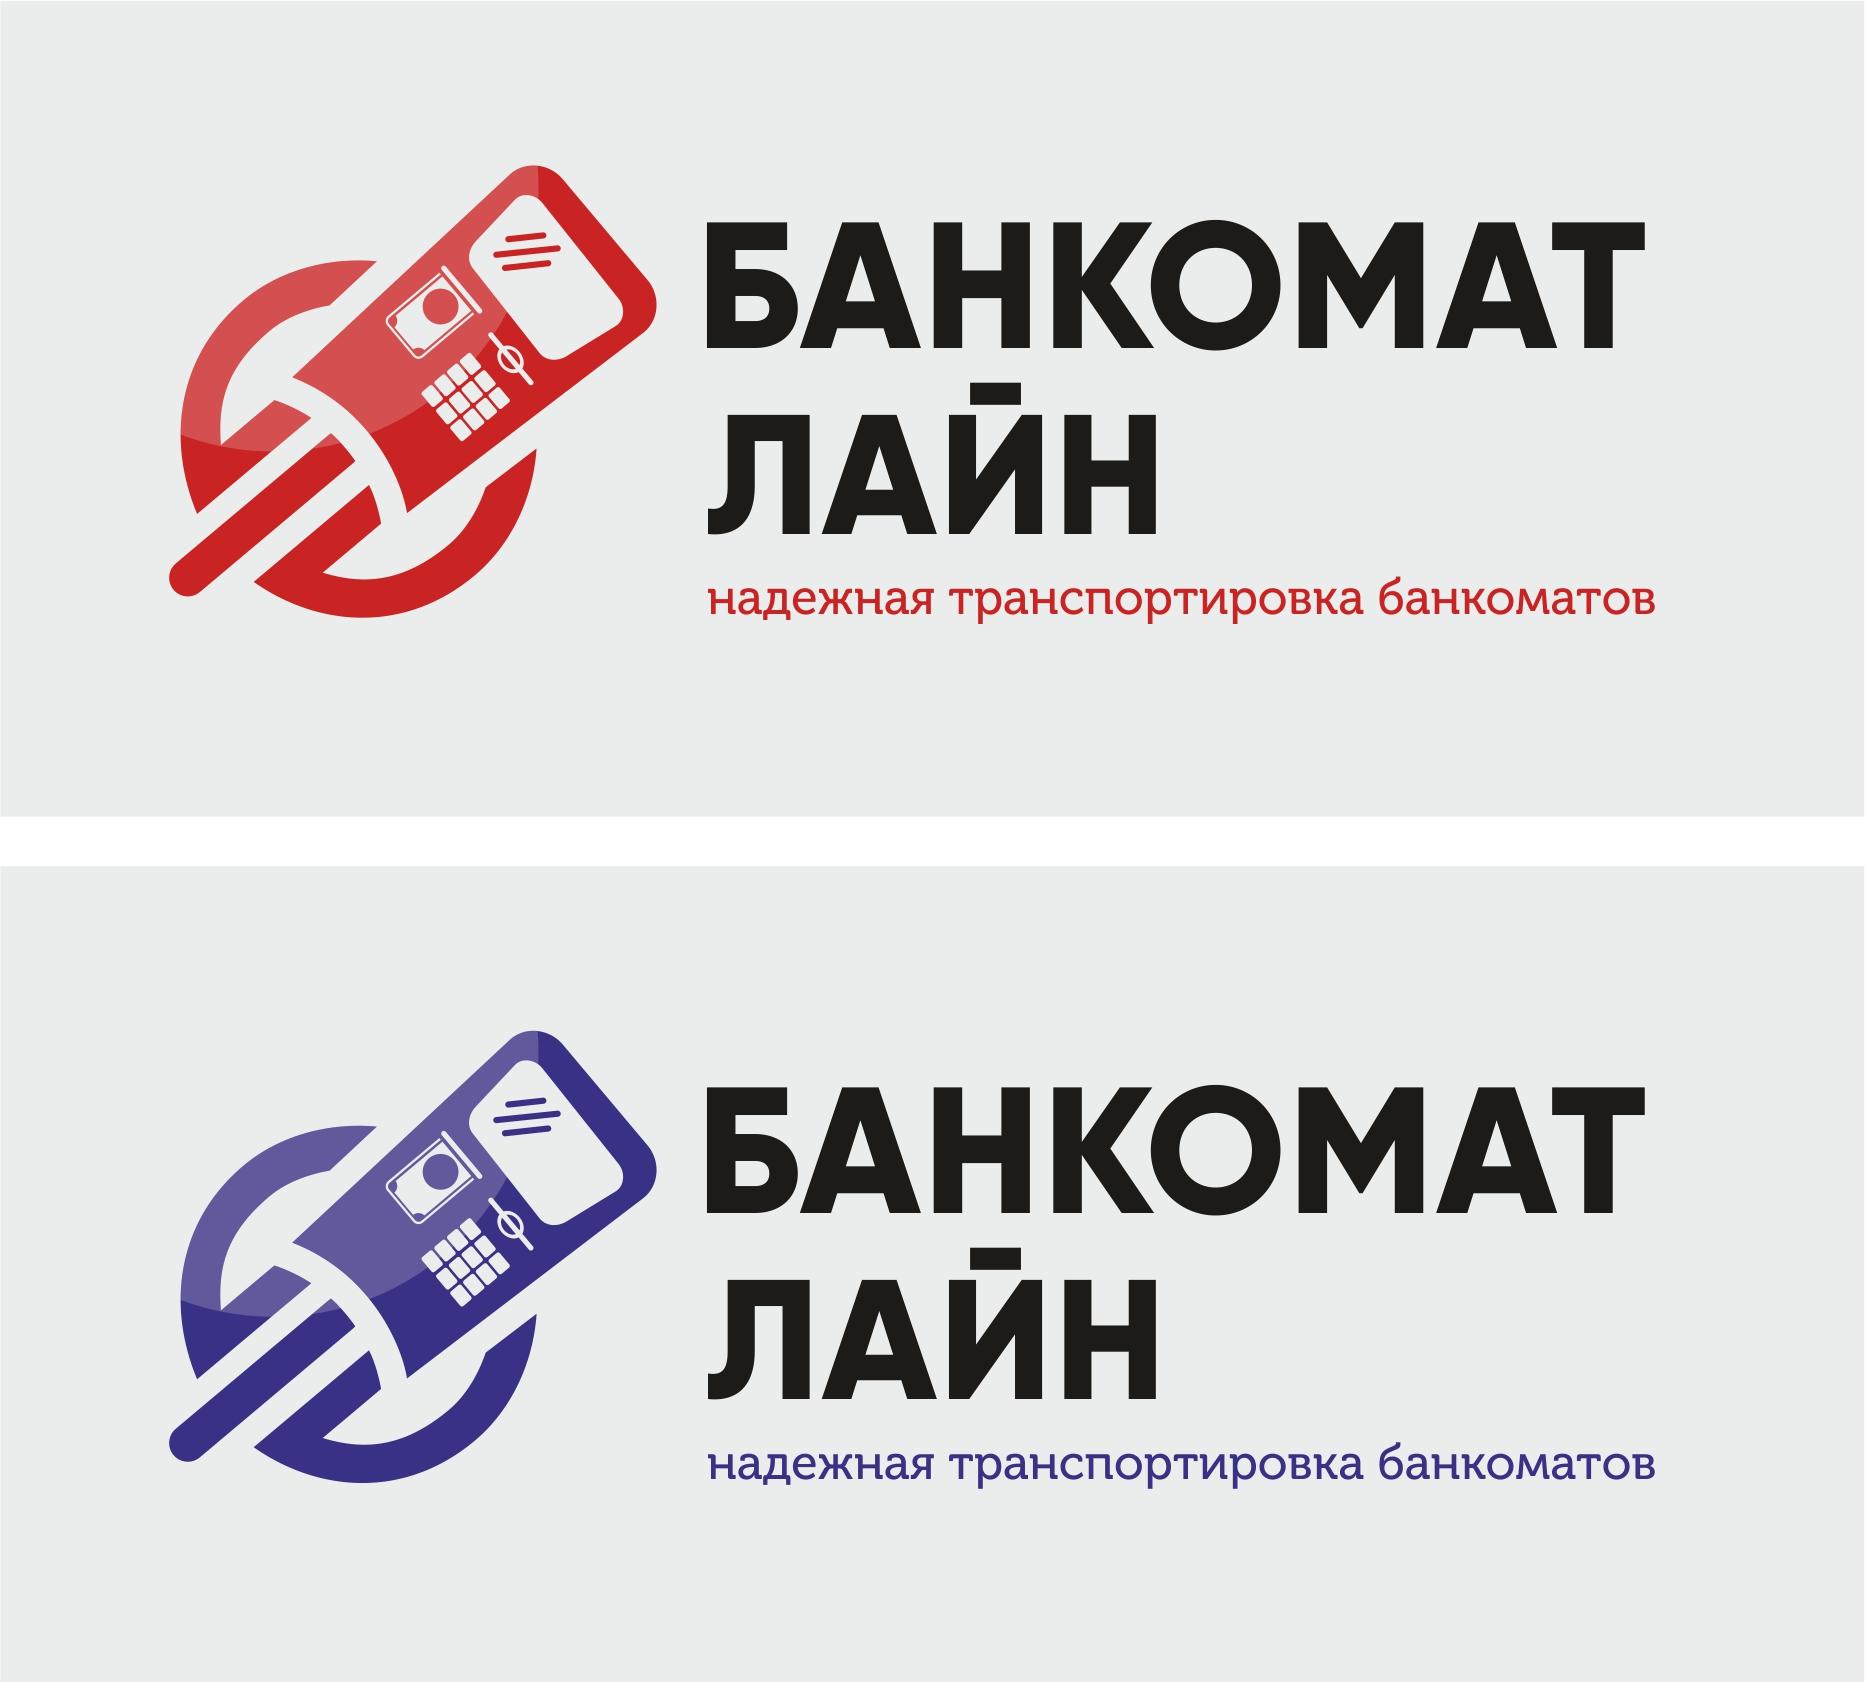 Разработка логотипа и слогана для транспортной компании фото f_30558780a4b80fe2.jpg